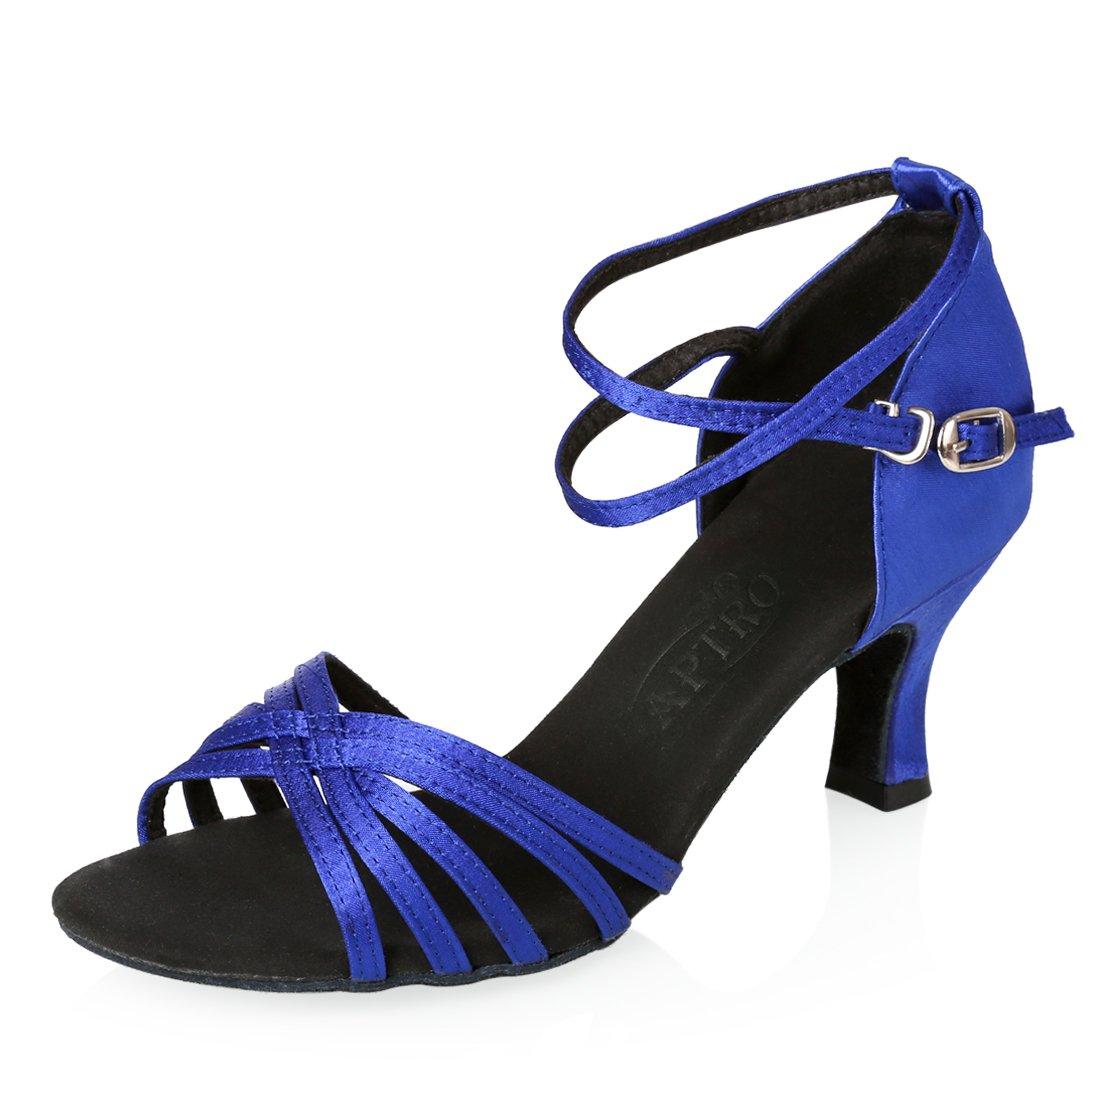 APTRO Damen Schuhe Tanzschuhe Ballsaal Latin Tanzen Silber Sandalen  38 EU|Blau